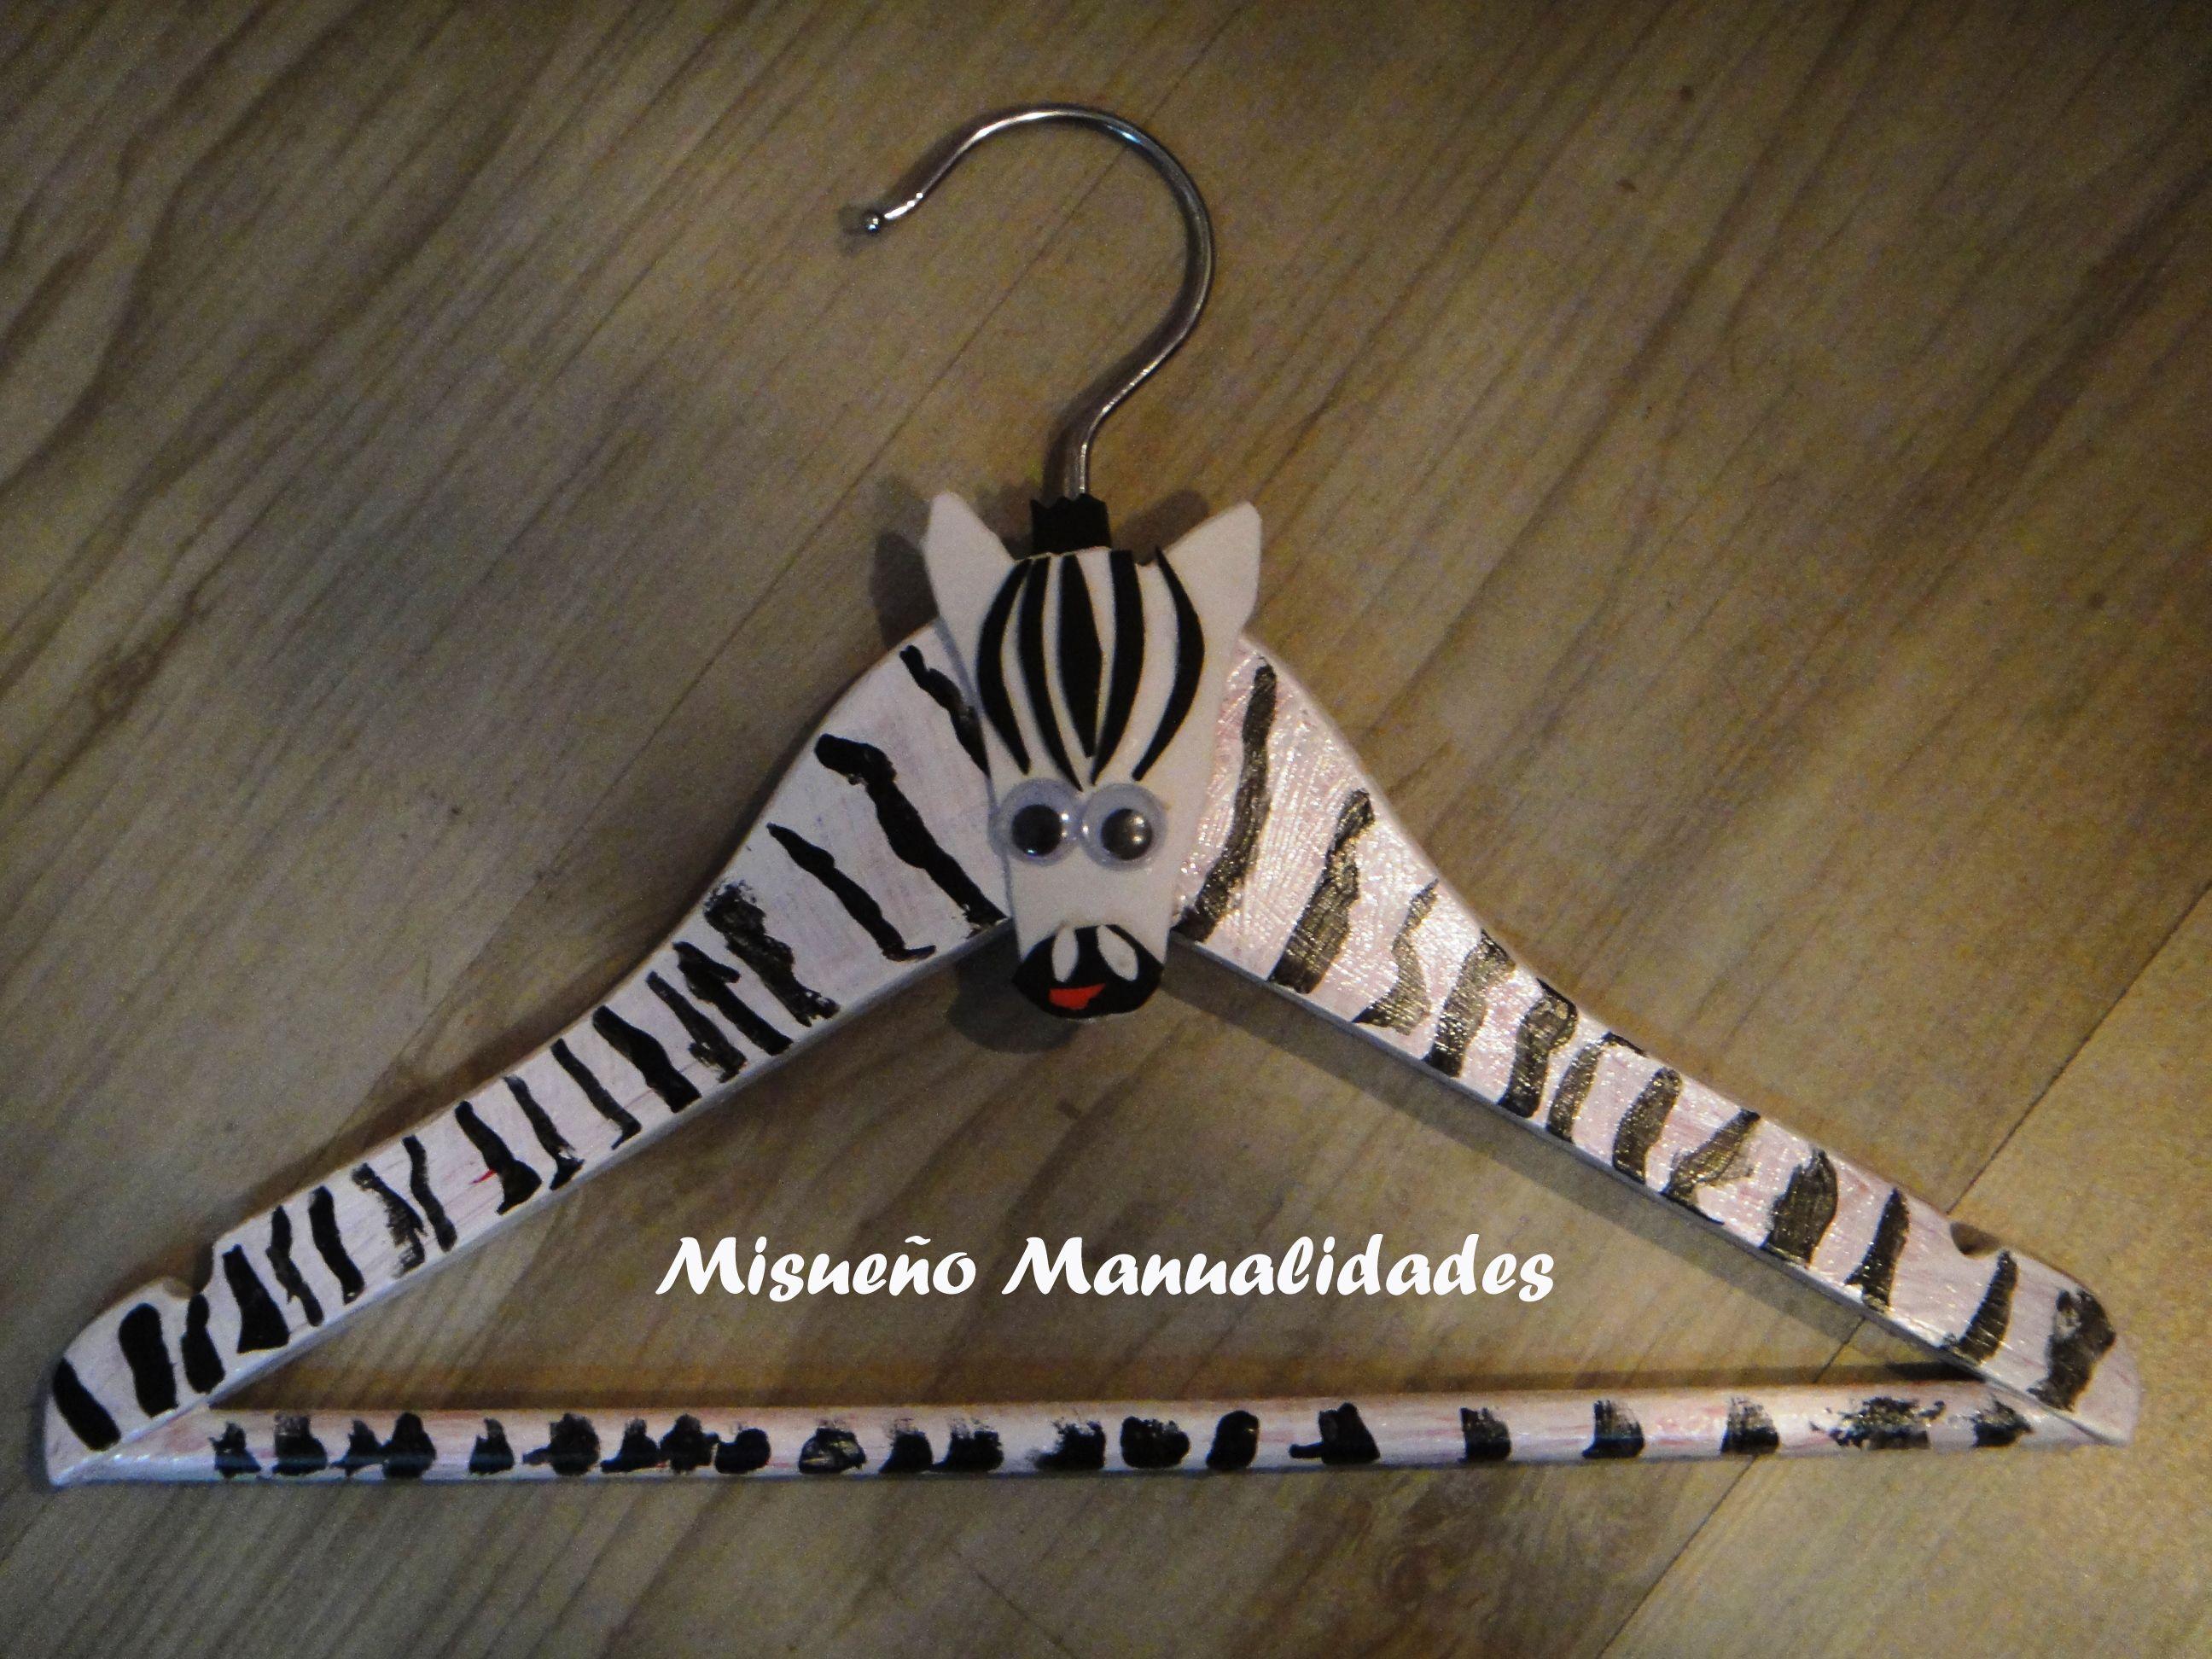 """Taller infantil """"decoramos una percha"""". Esta percha está pintada de cebra y lleva un aplique de goma EVA, hecho por uno de mis alumnos. ¡Te ha quedado genial, A.! www.misuenyo.com / www.misuenyo.es"""